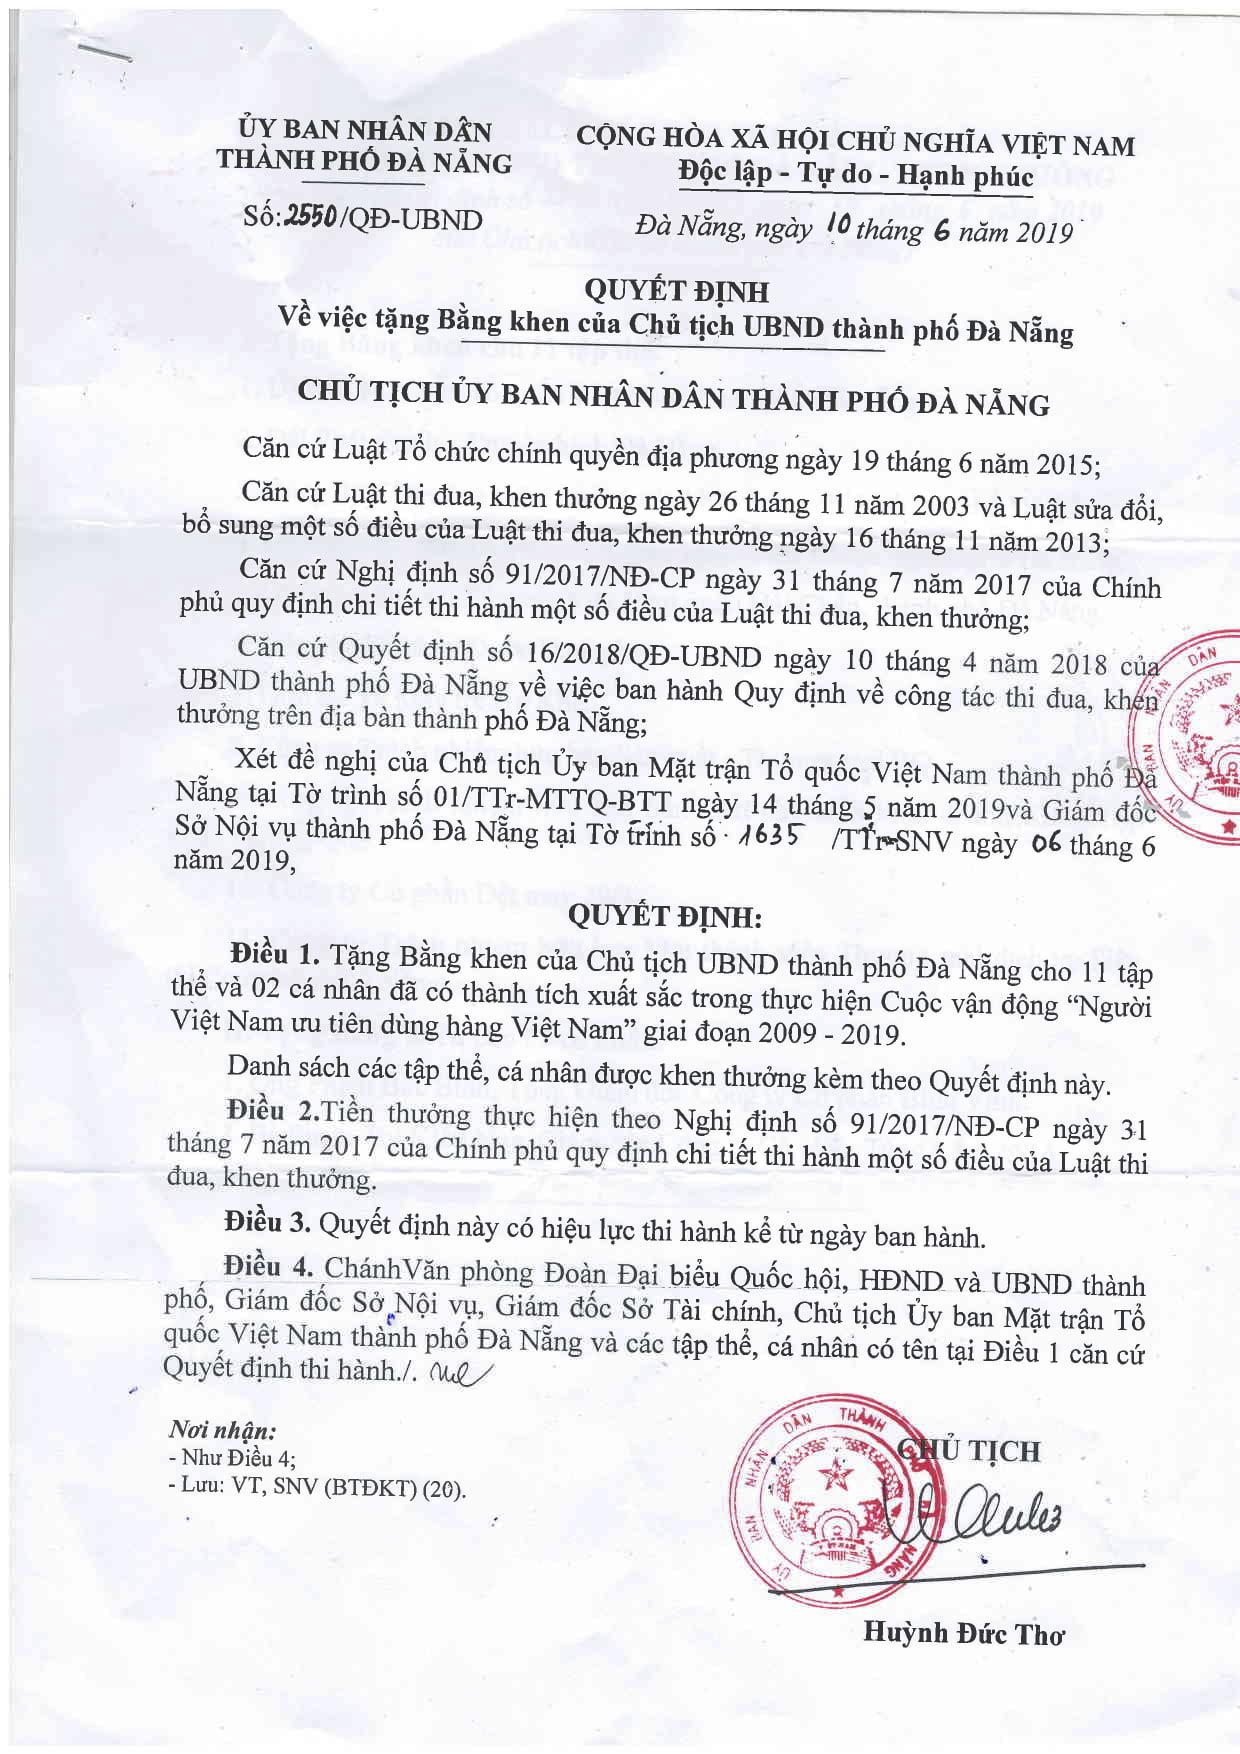 huong-que-nhan-bang-khen-cua-chu-tich-ubnd-tp-da-nang-ve-thanh-tich-xuat-sac-trong-thuc-hien-cuoc-van-dong-nguoi-viet-nam-uu-tien-dung-hang-viet-nam-giai-doan-2009-2019-h2